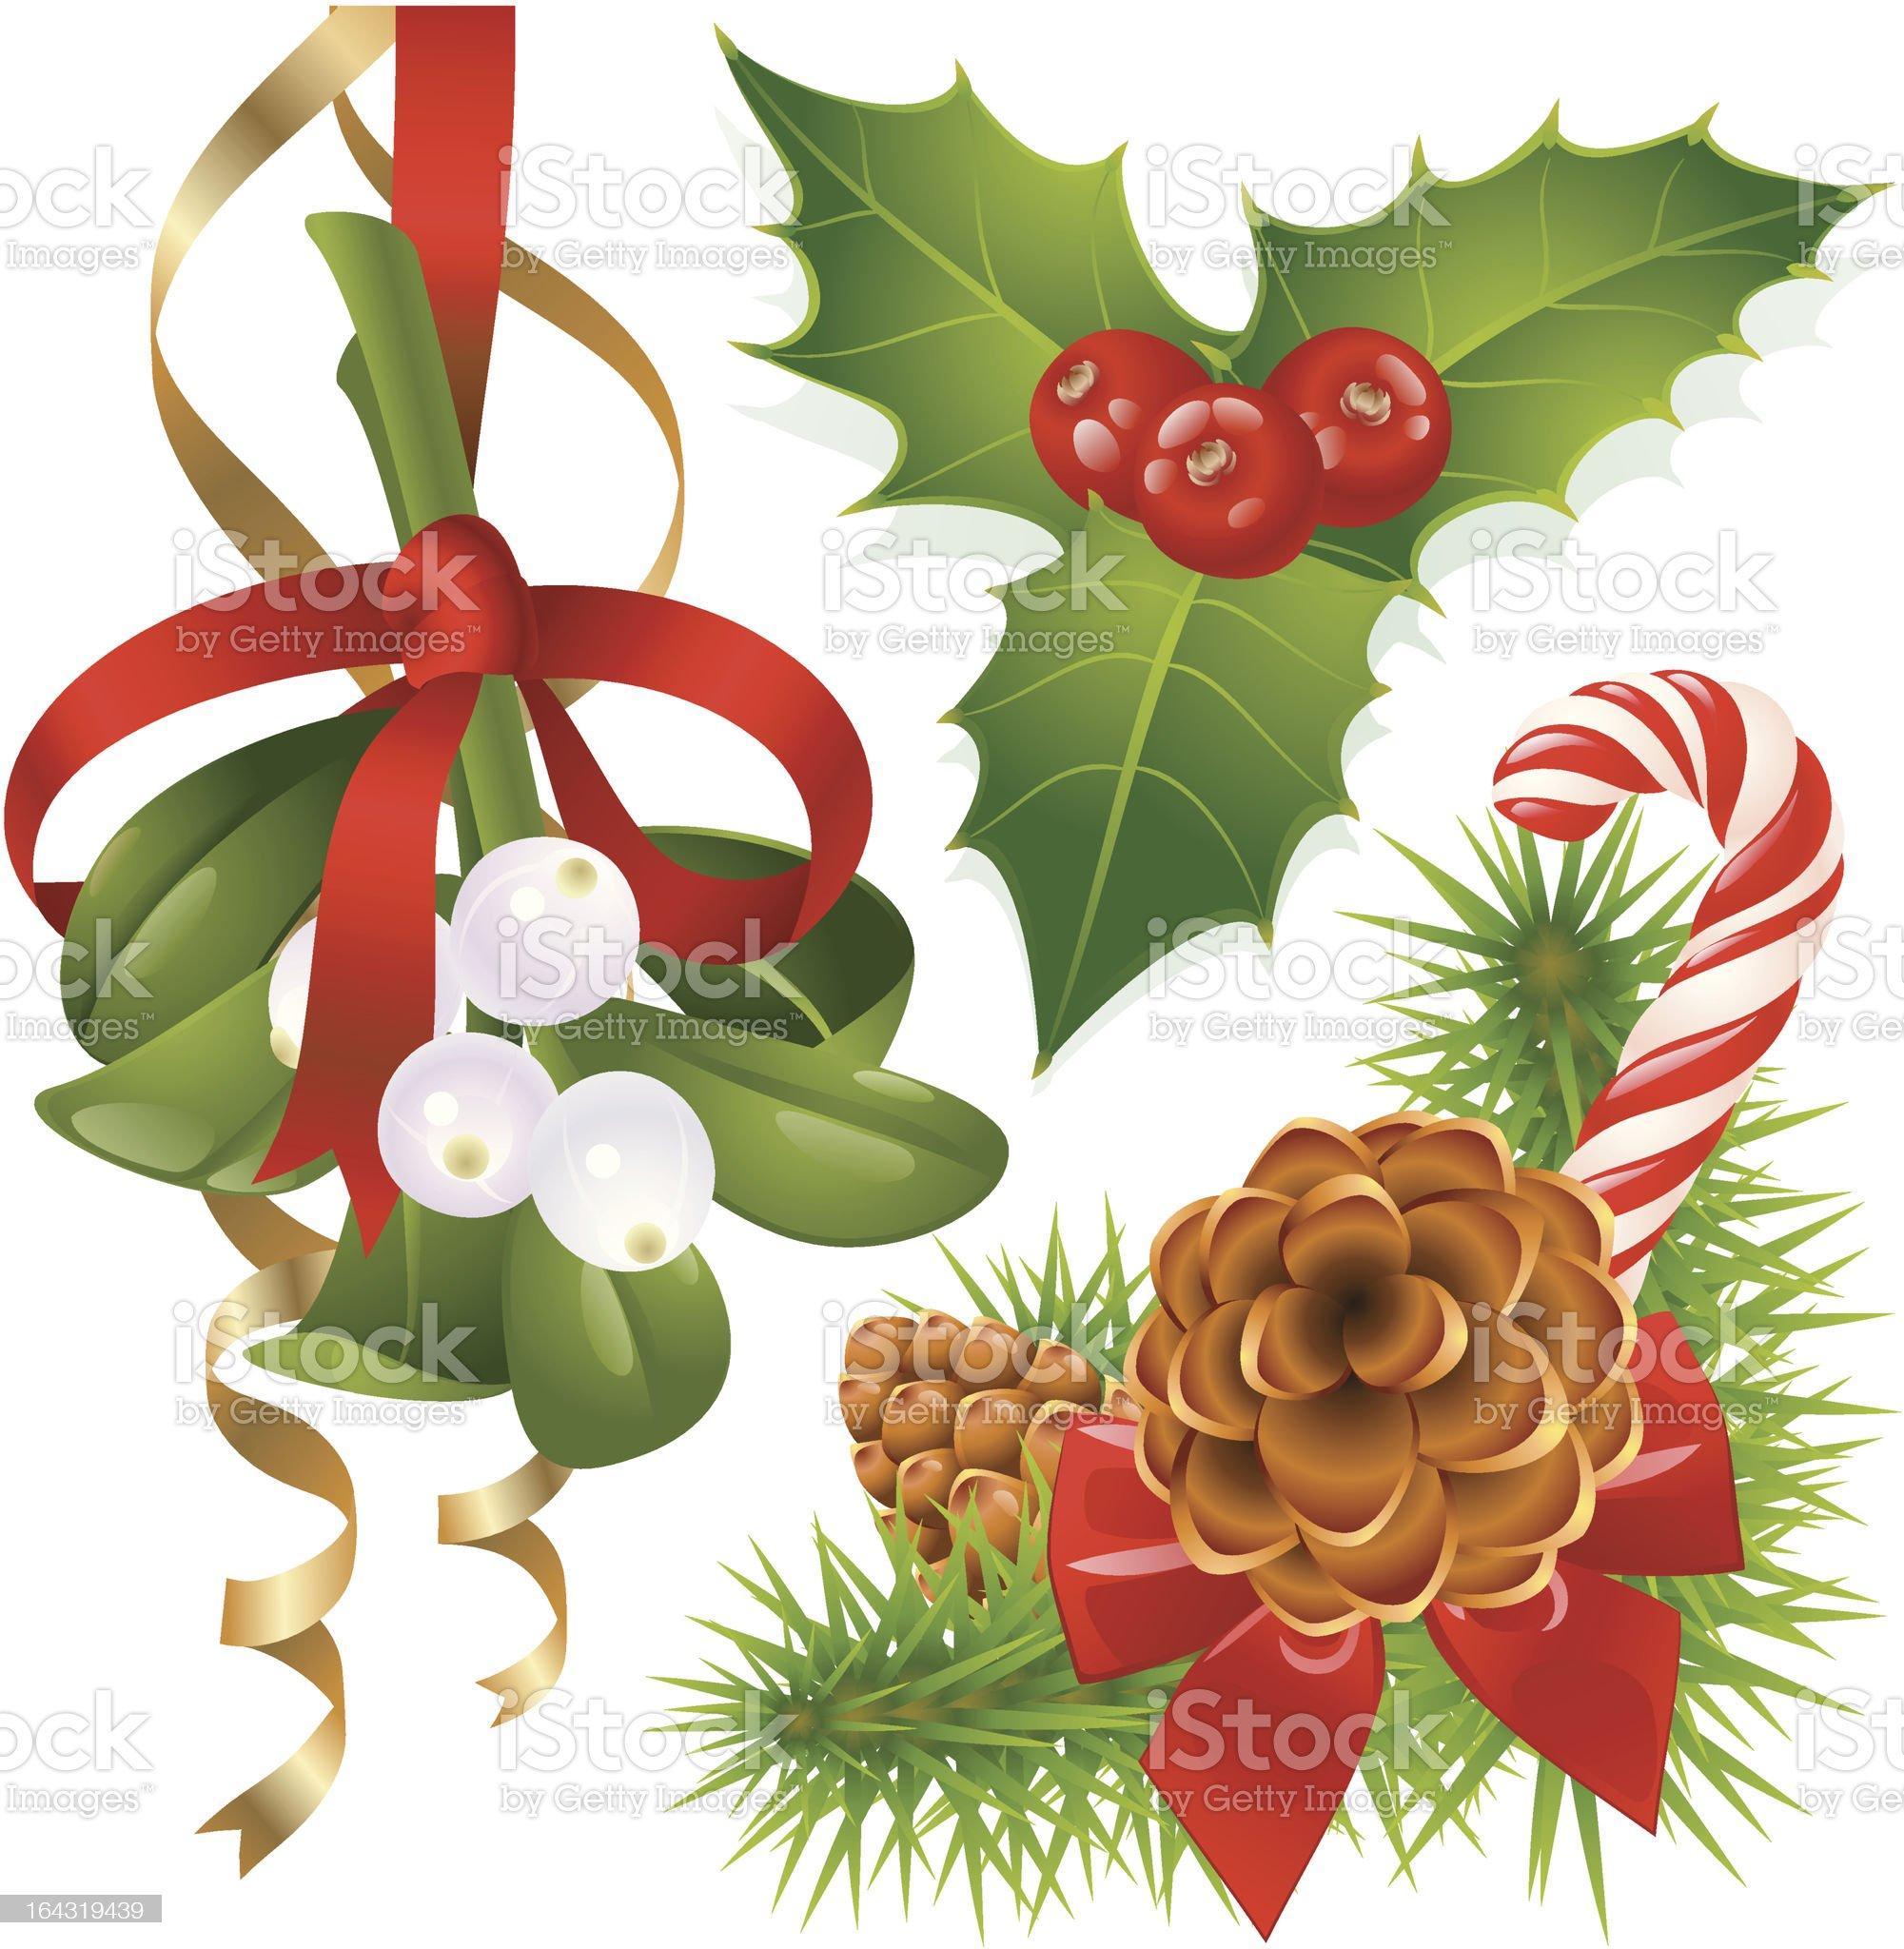 Christmas tree, mistletoe and holly royalty-free stock vector art